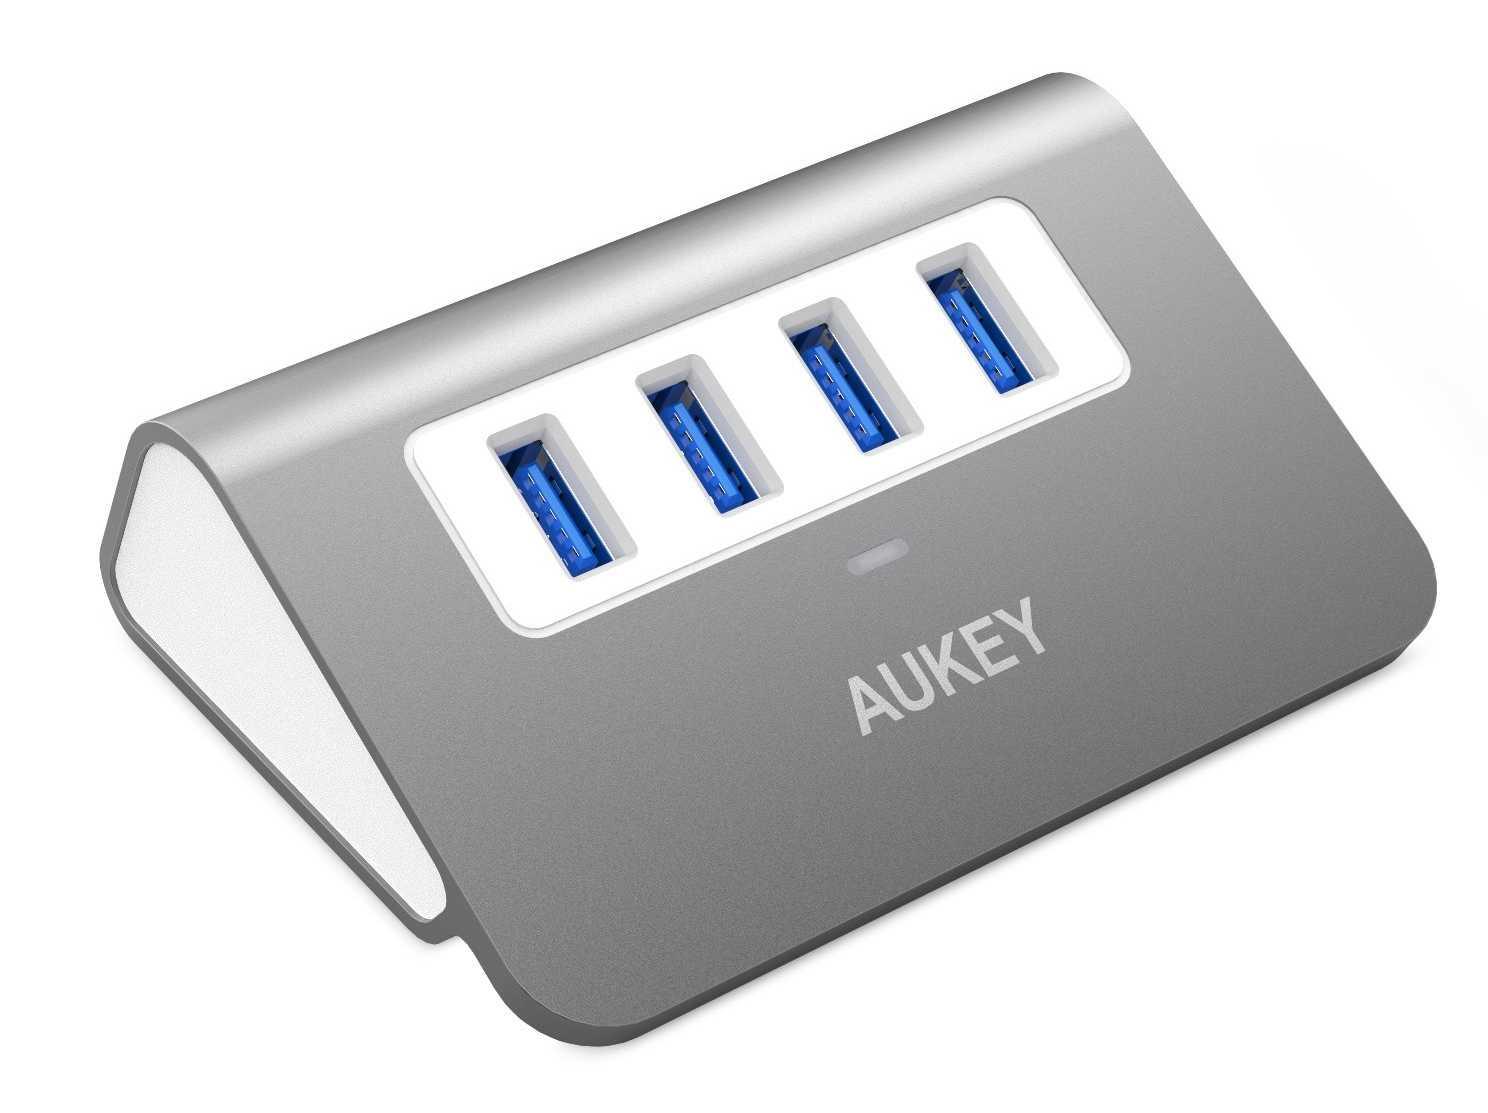 hub-usb-aukey-e1471264580405 Promo : enceinte Bluetooth, hub USB et câbles USB à ne pas manquer !